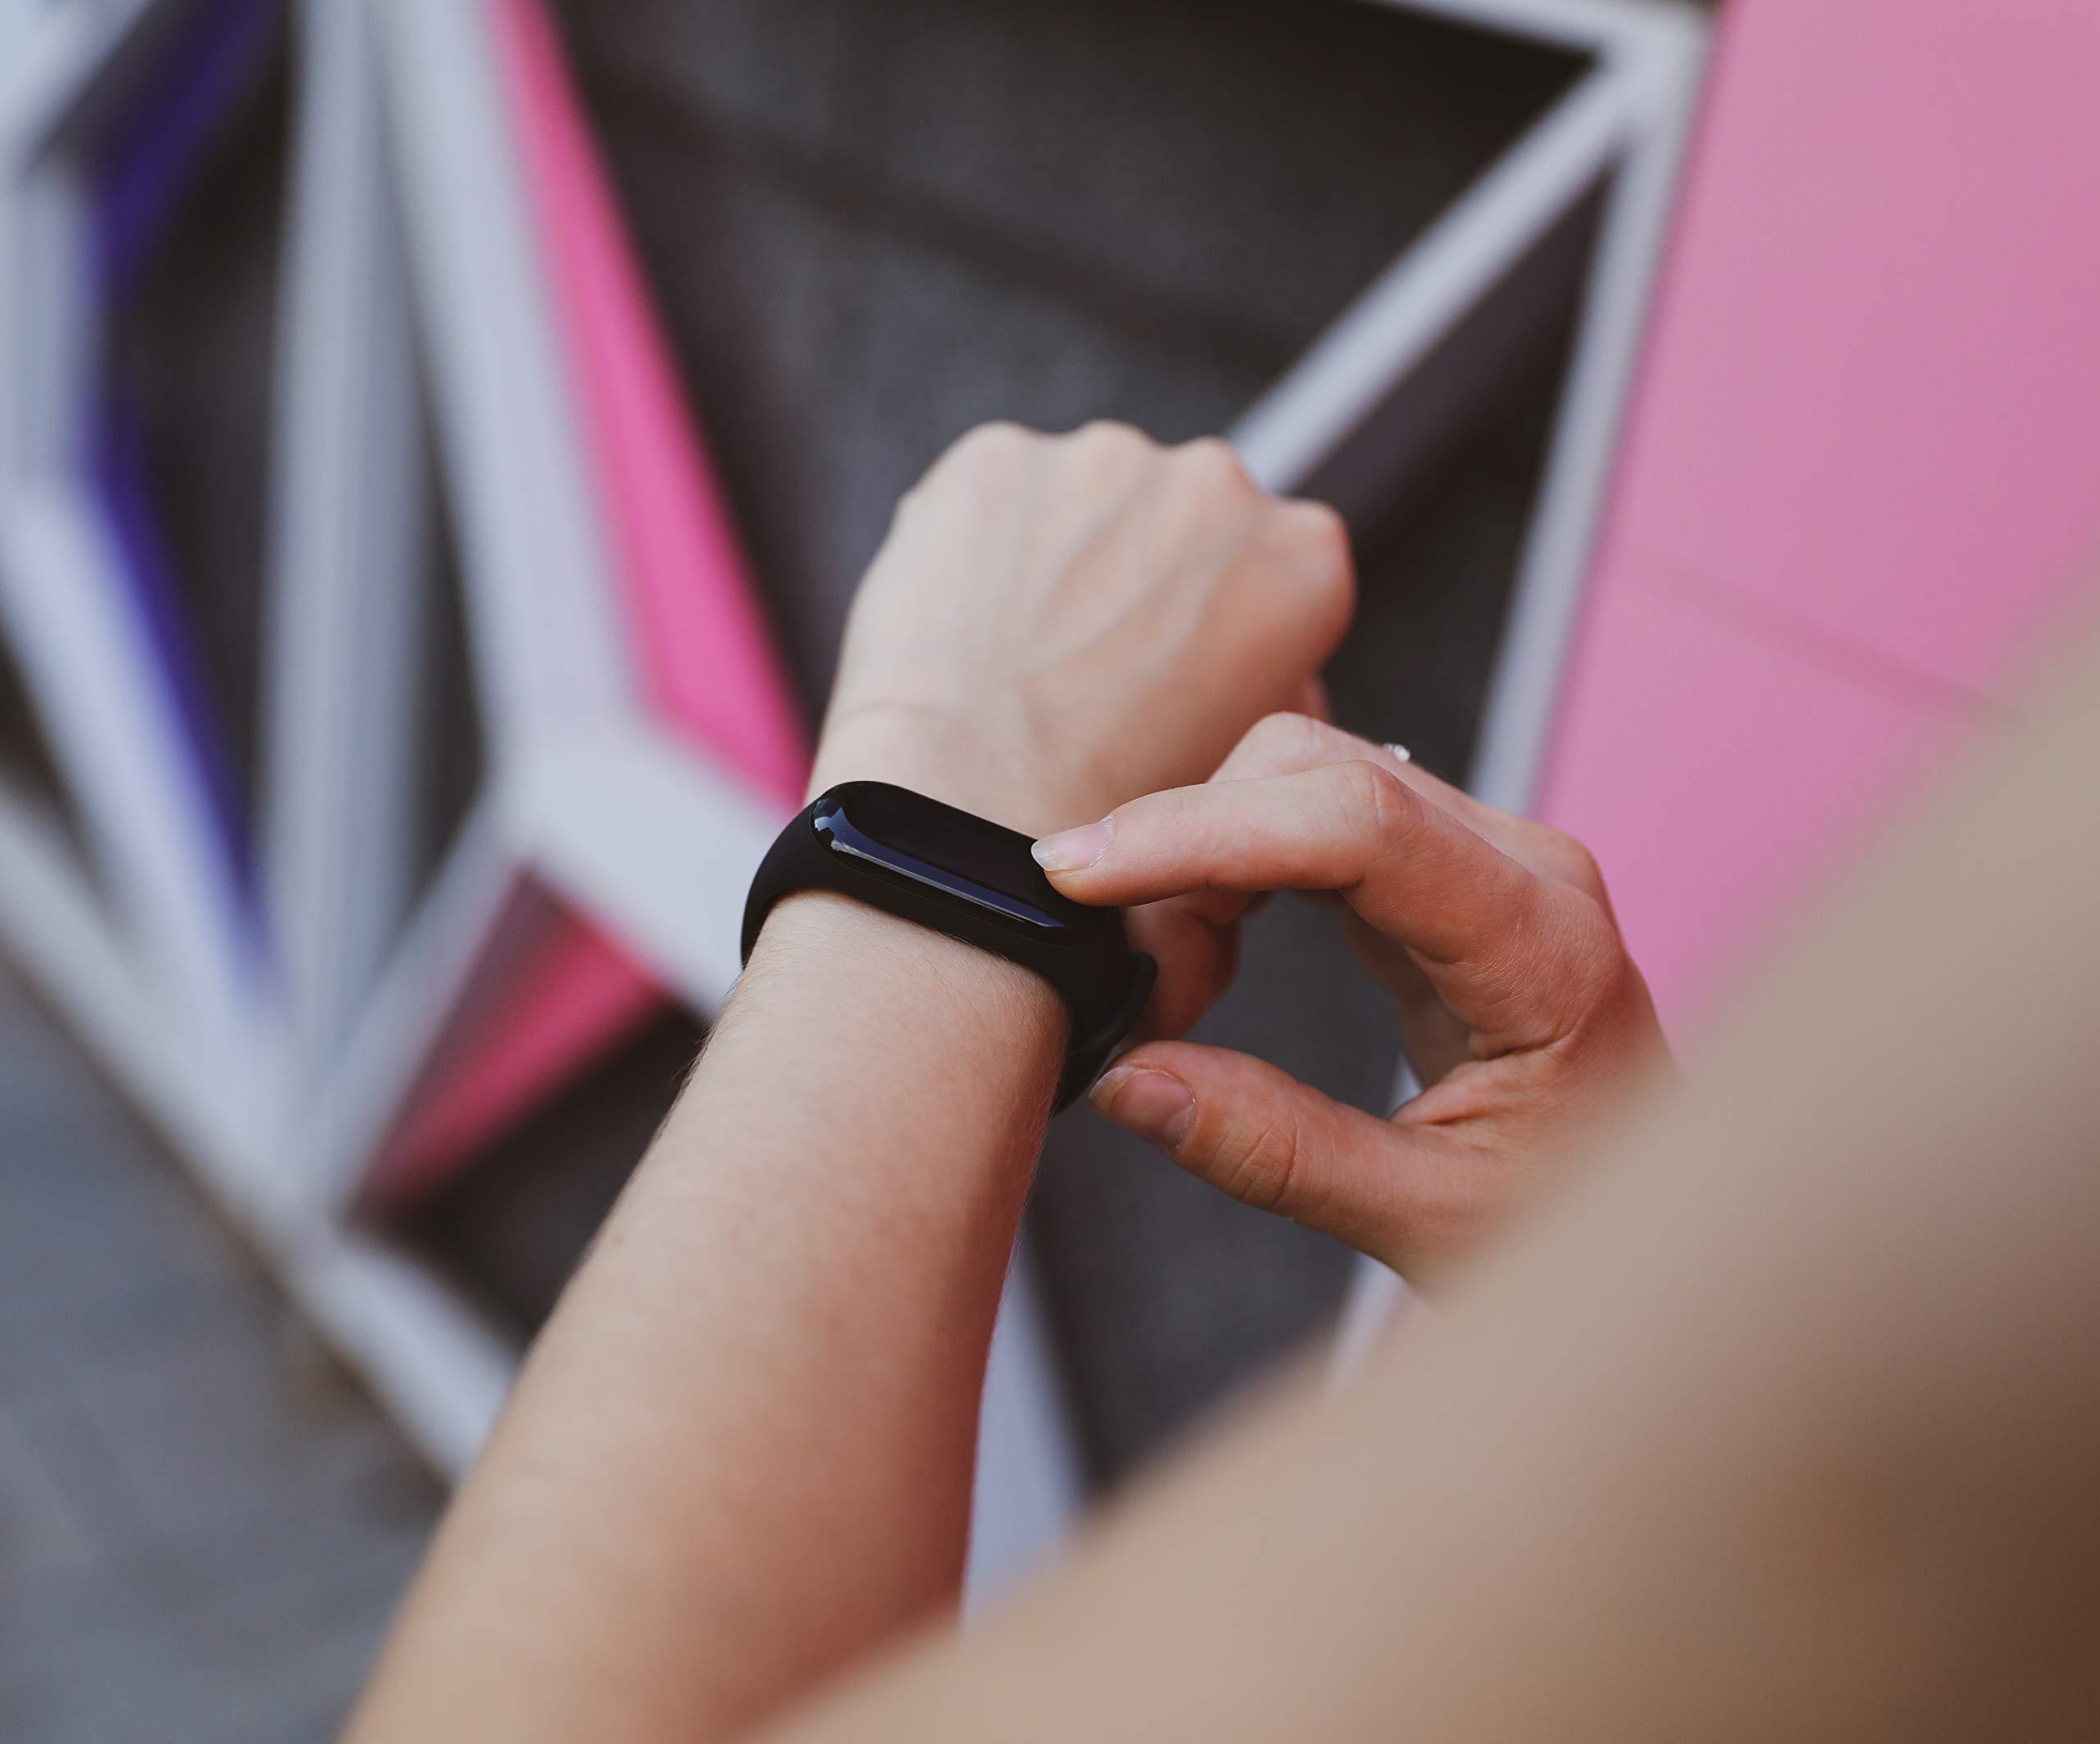 Xiaomi Mi Band 3-D/EU Versión rastreador de Actividad, podómetro, Reloj, Reloj de Pulsera, calorías, Monitor de Distancia, análisis del sueño, Impermeable, notificaciones, aplicación, Color Negro